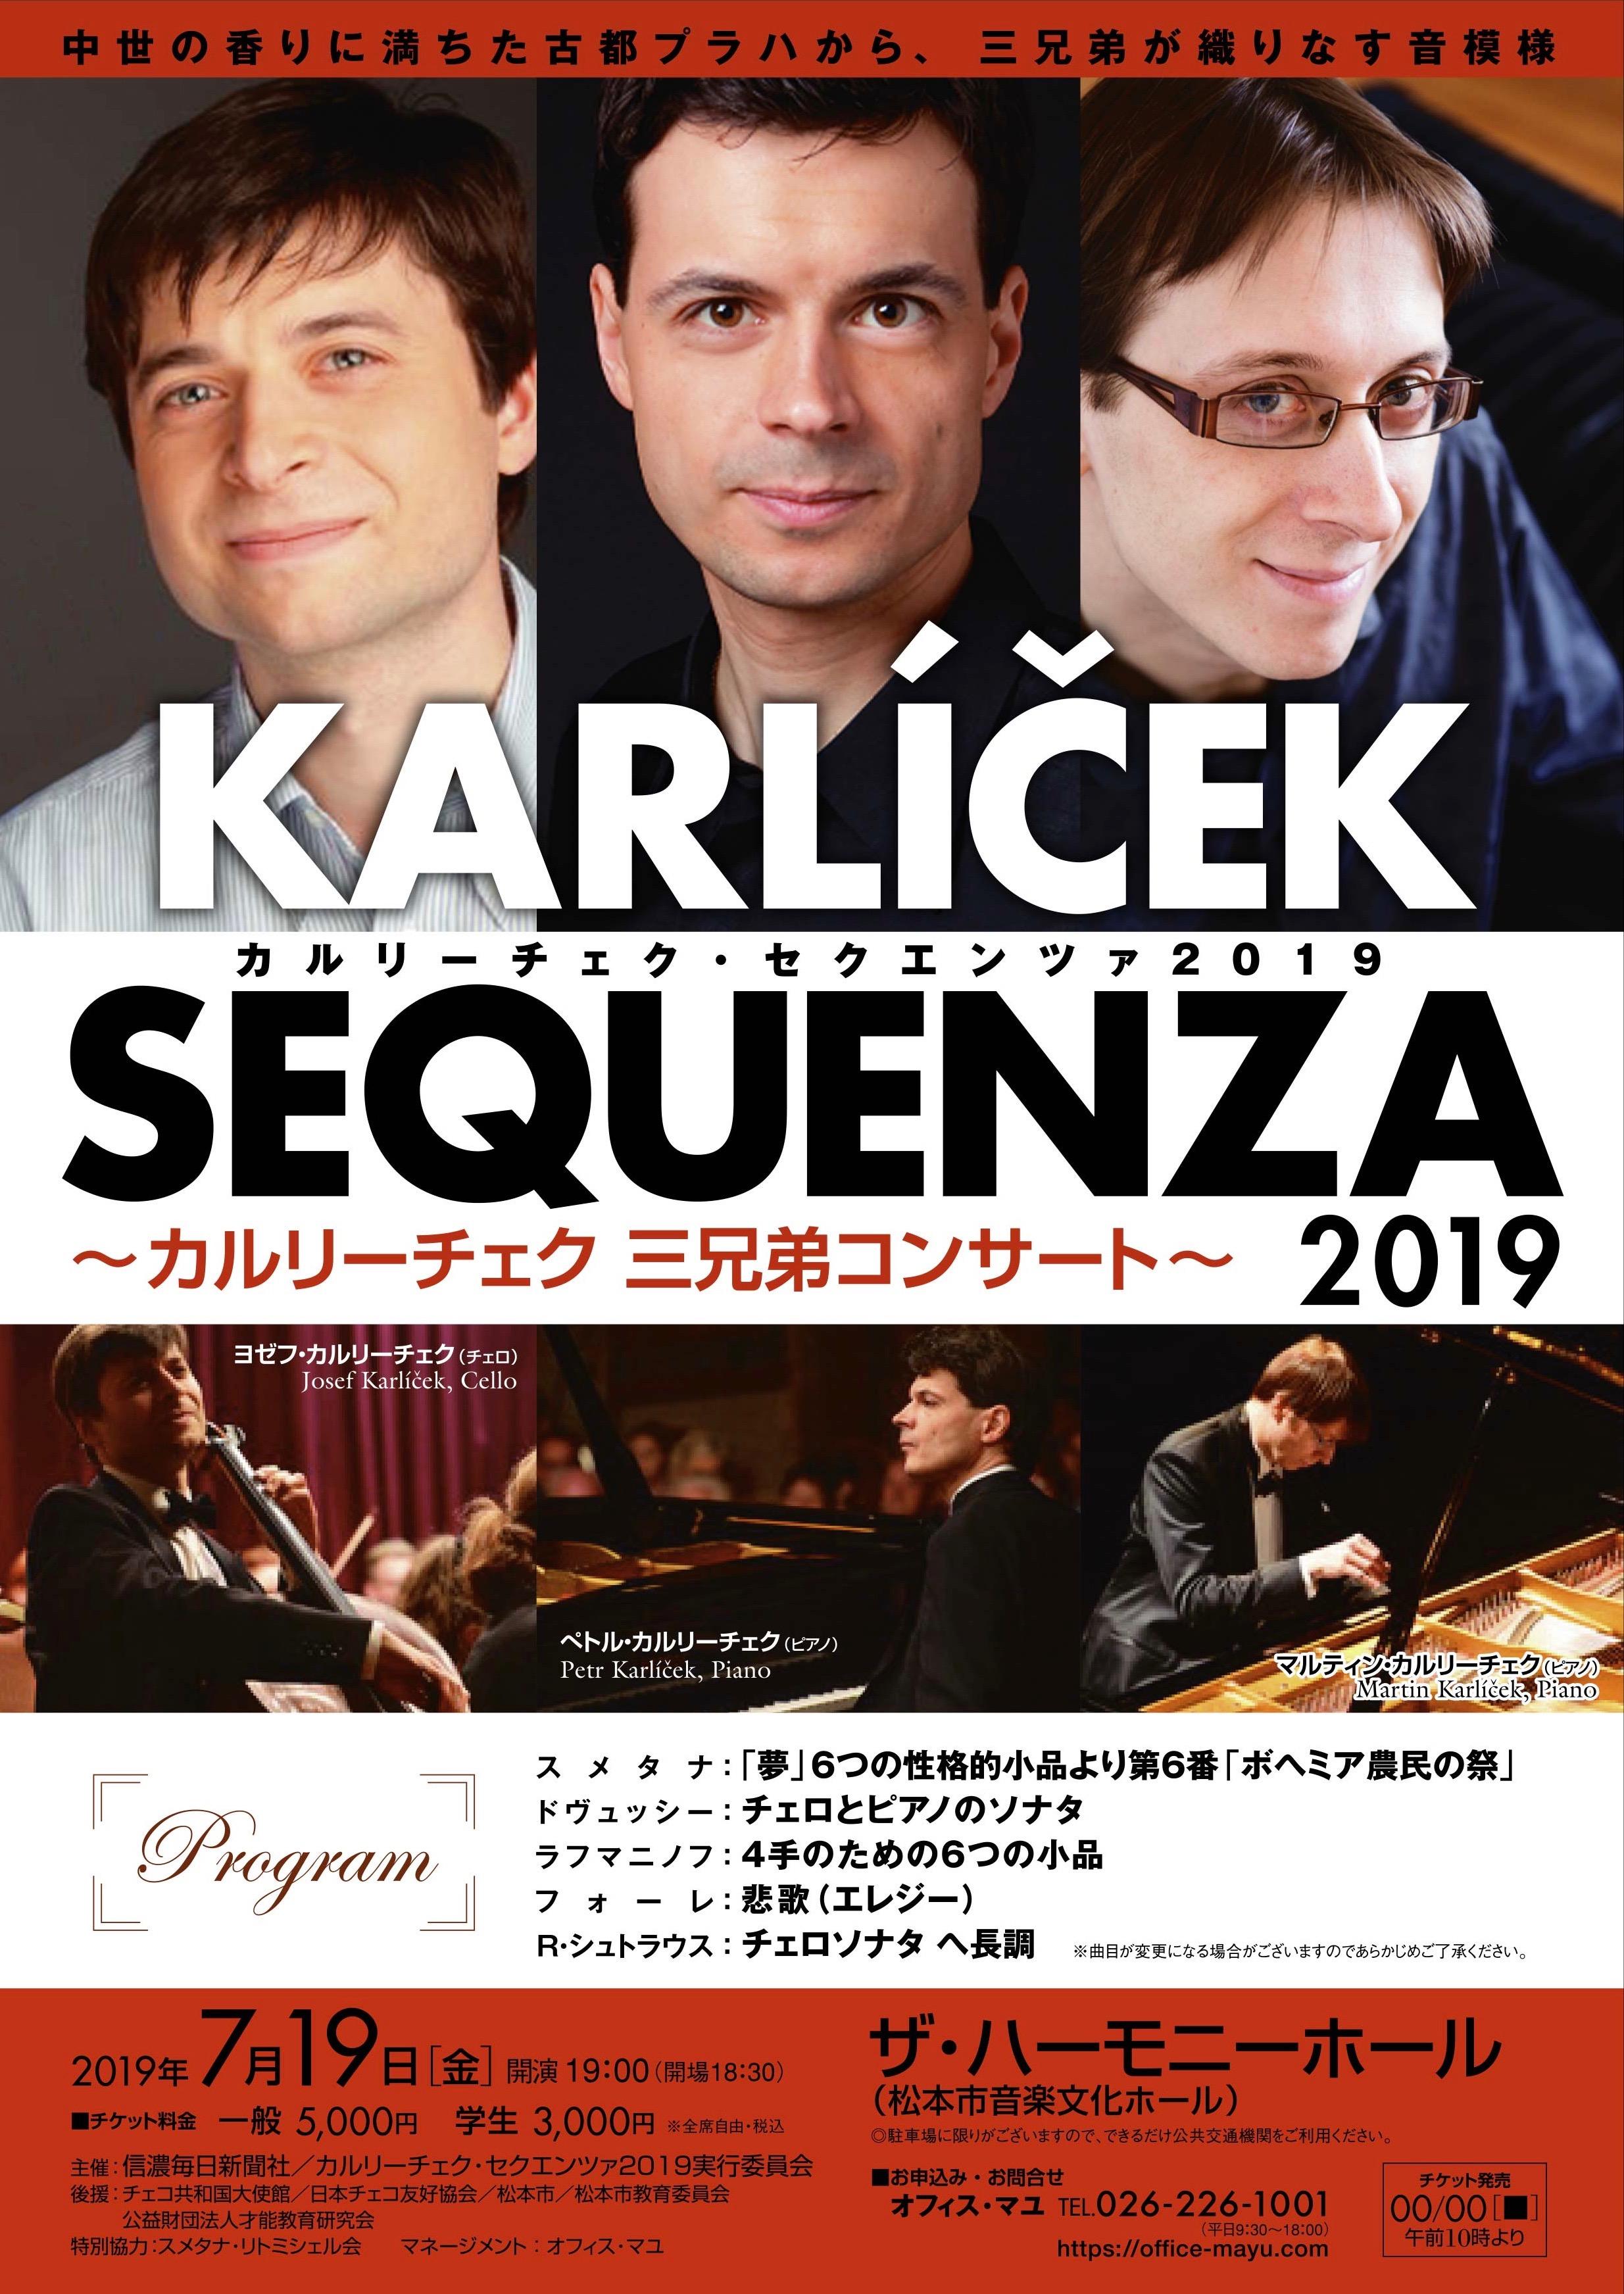 Karlicek Sequenza 2019